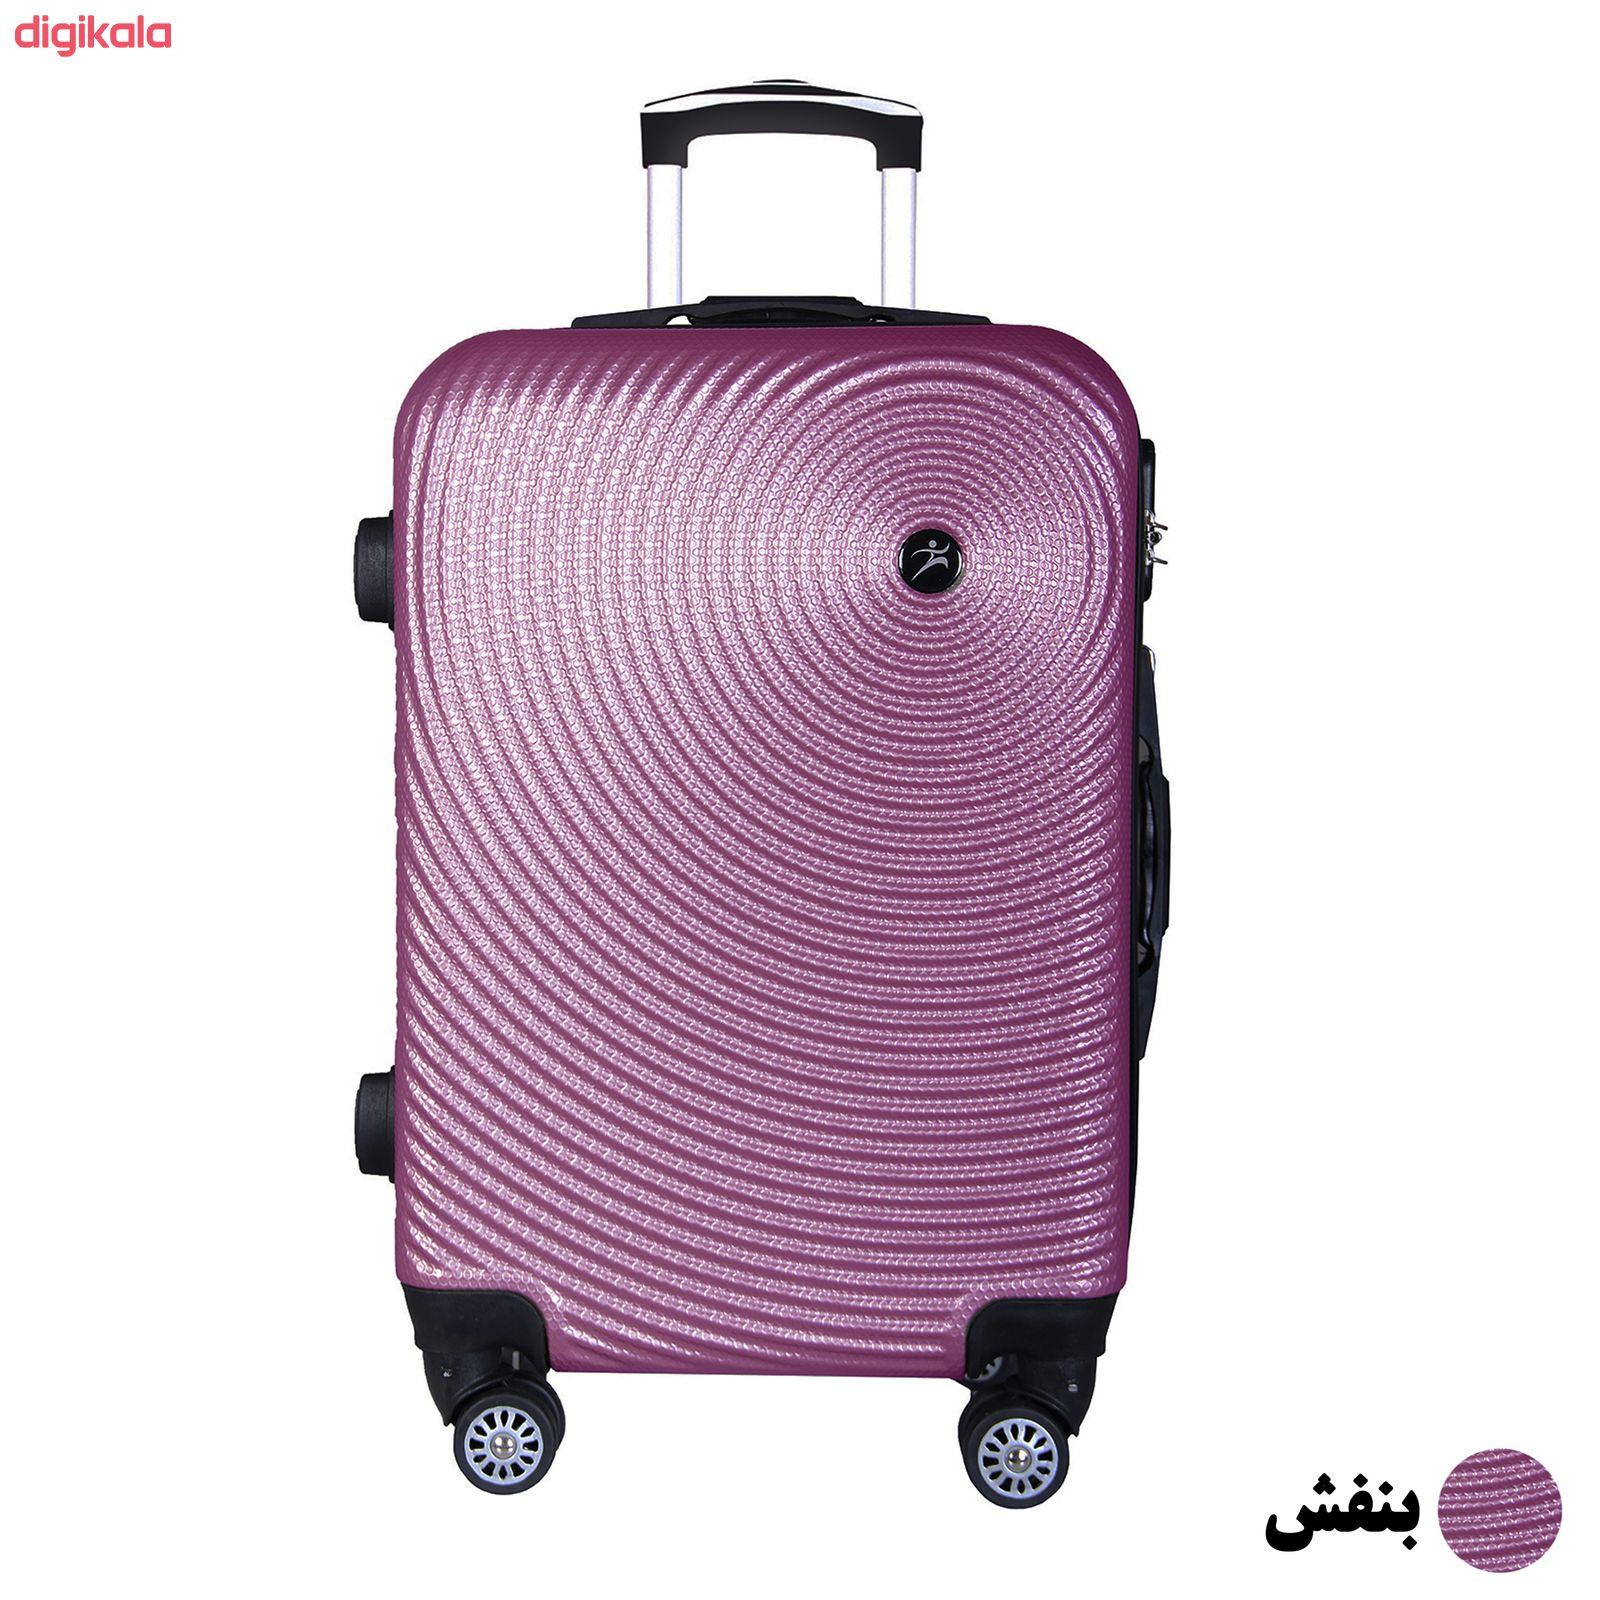 مجموعه چهار عددی چمدان اسپرت من مدل NS001 main 1 10